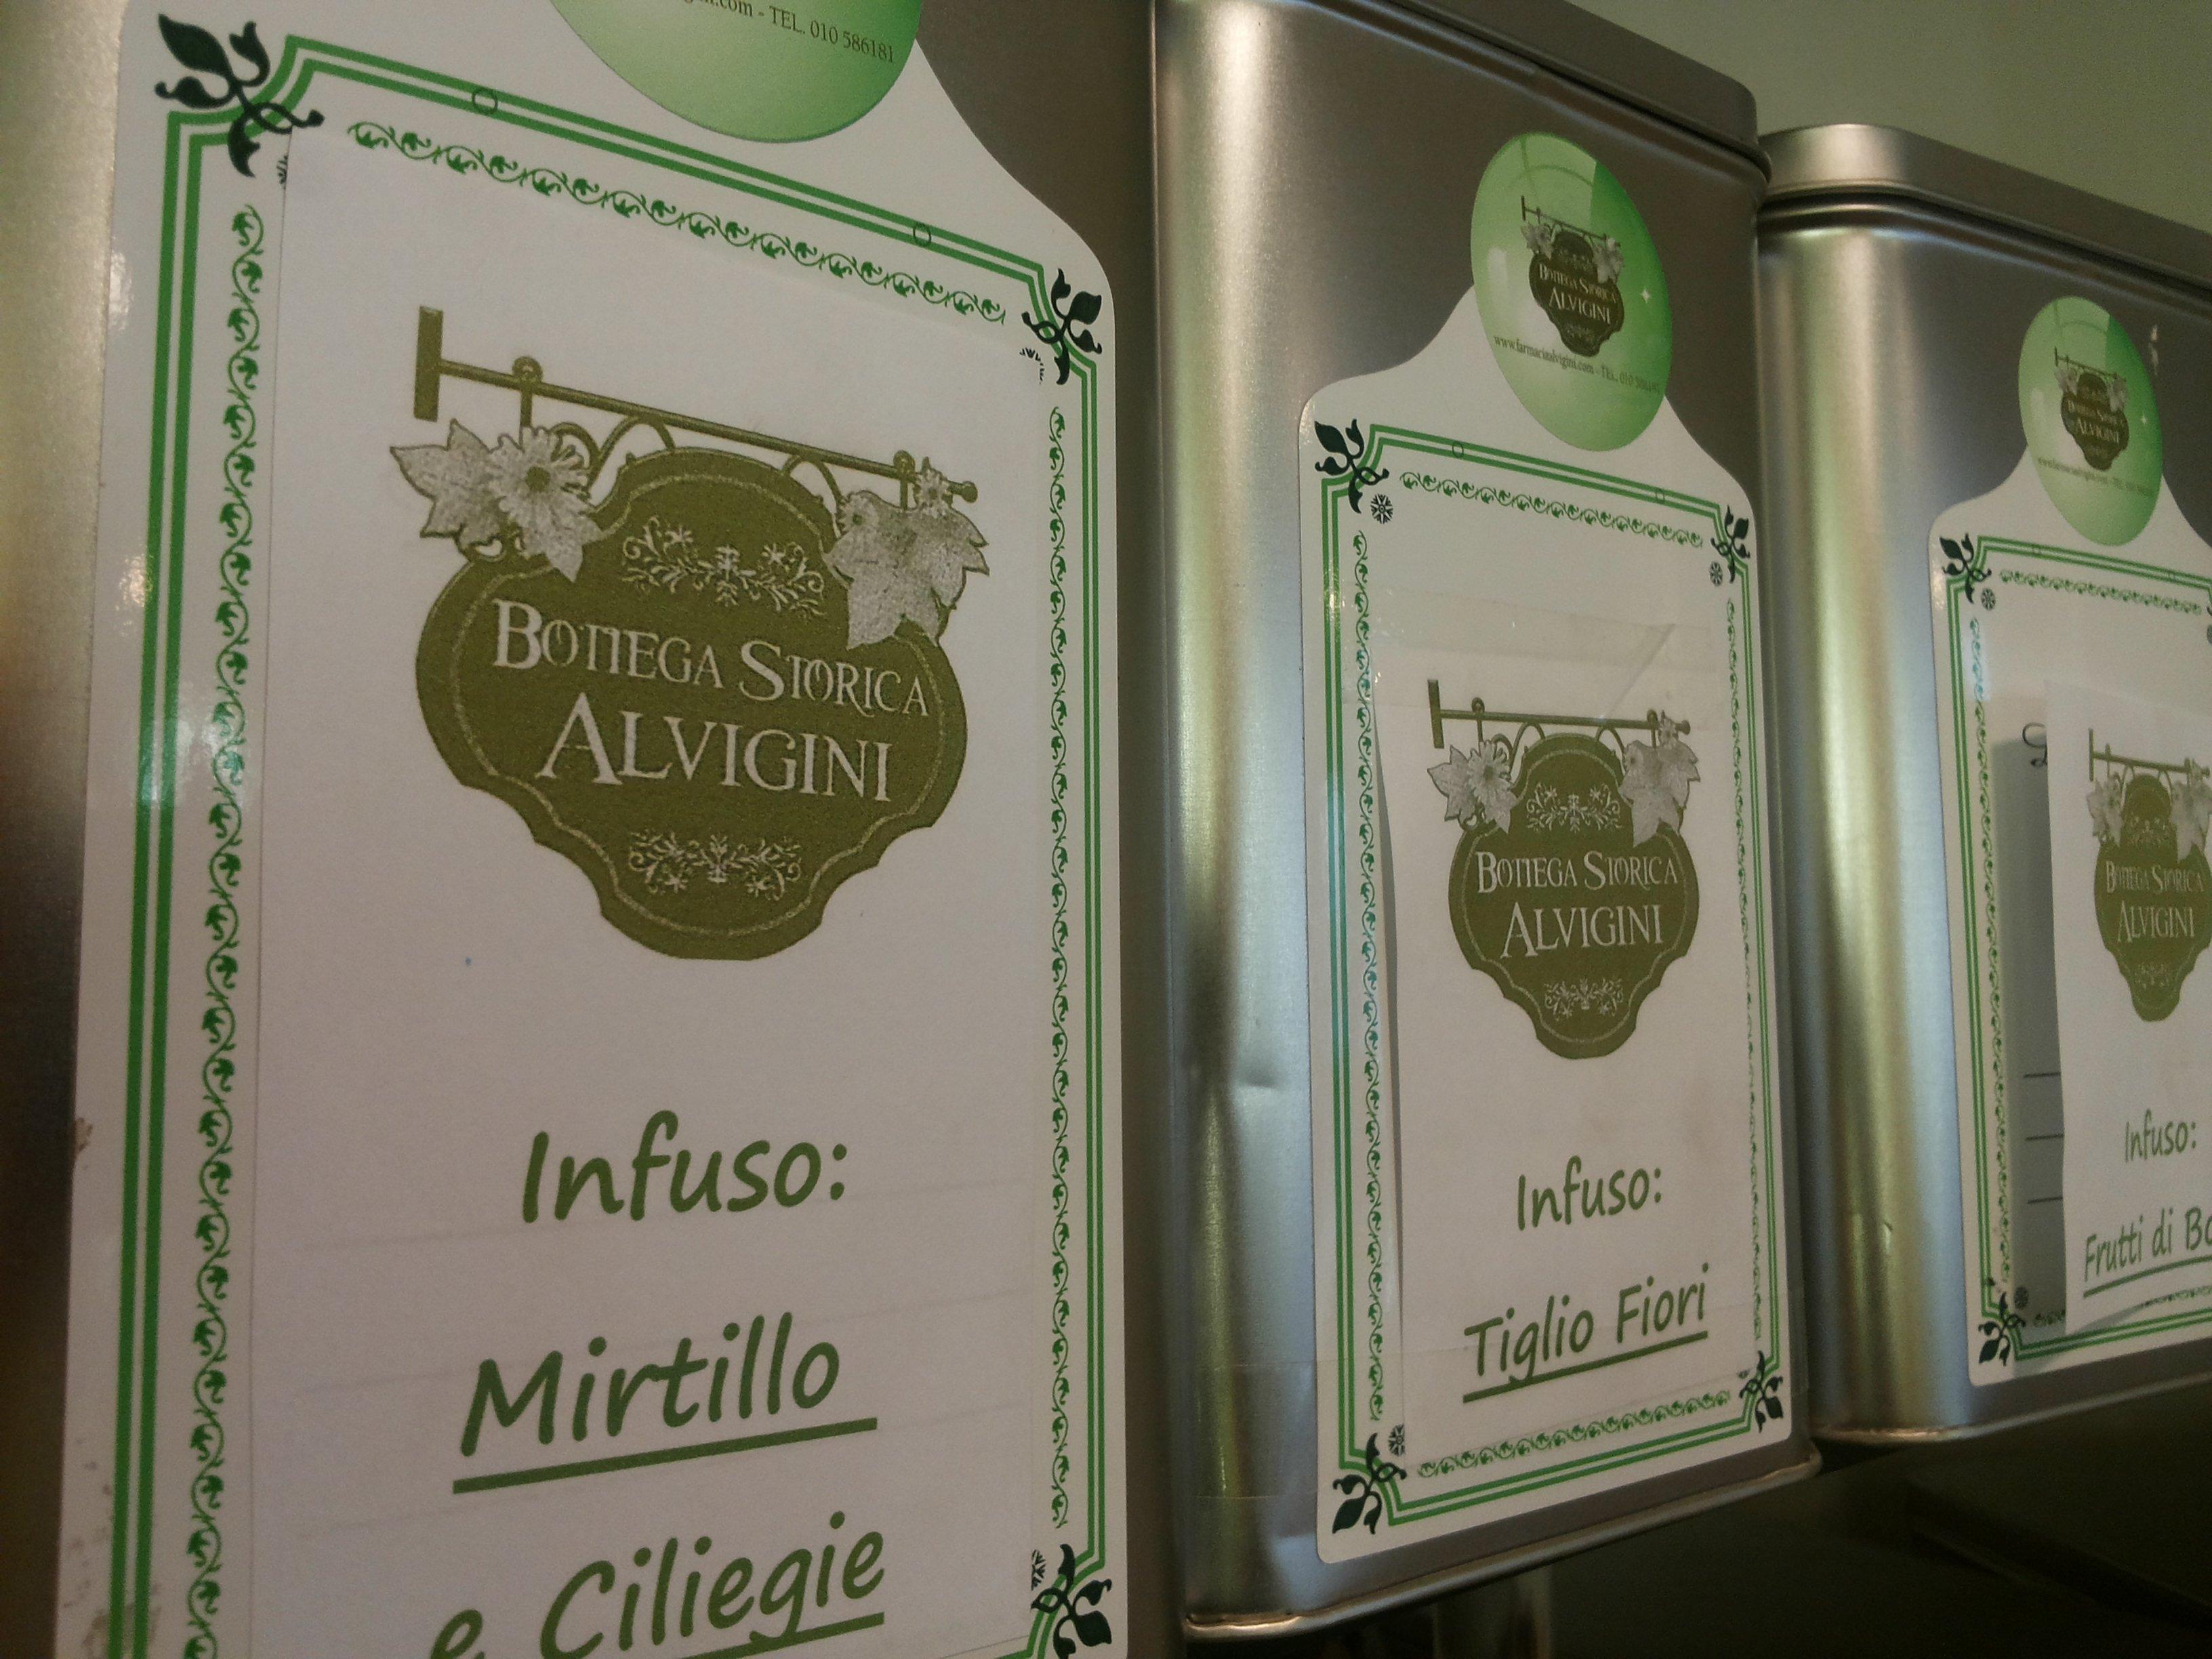 delle confezioni di infusi della marca Bottega Storica Alvigini